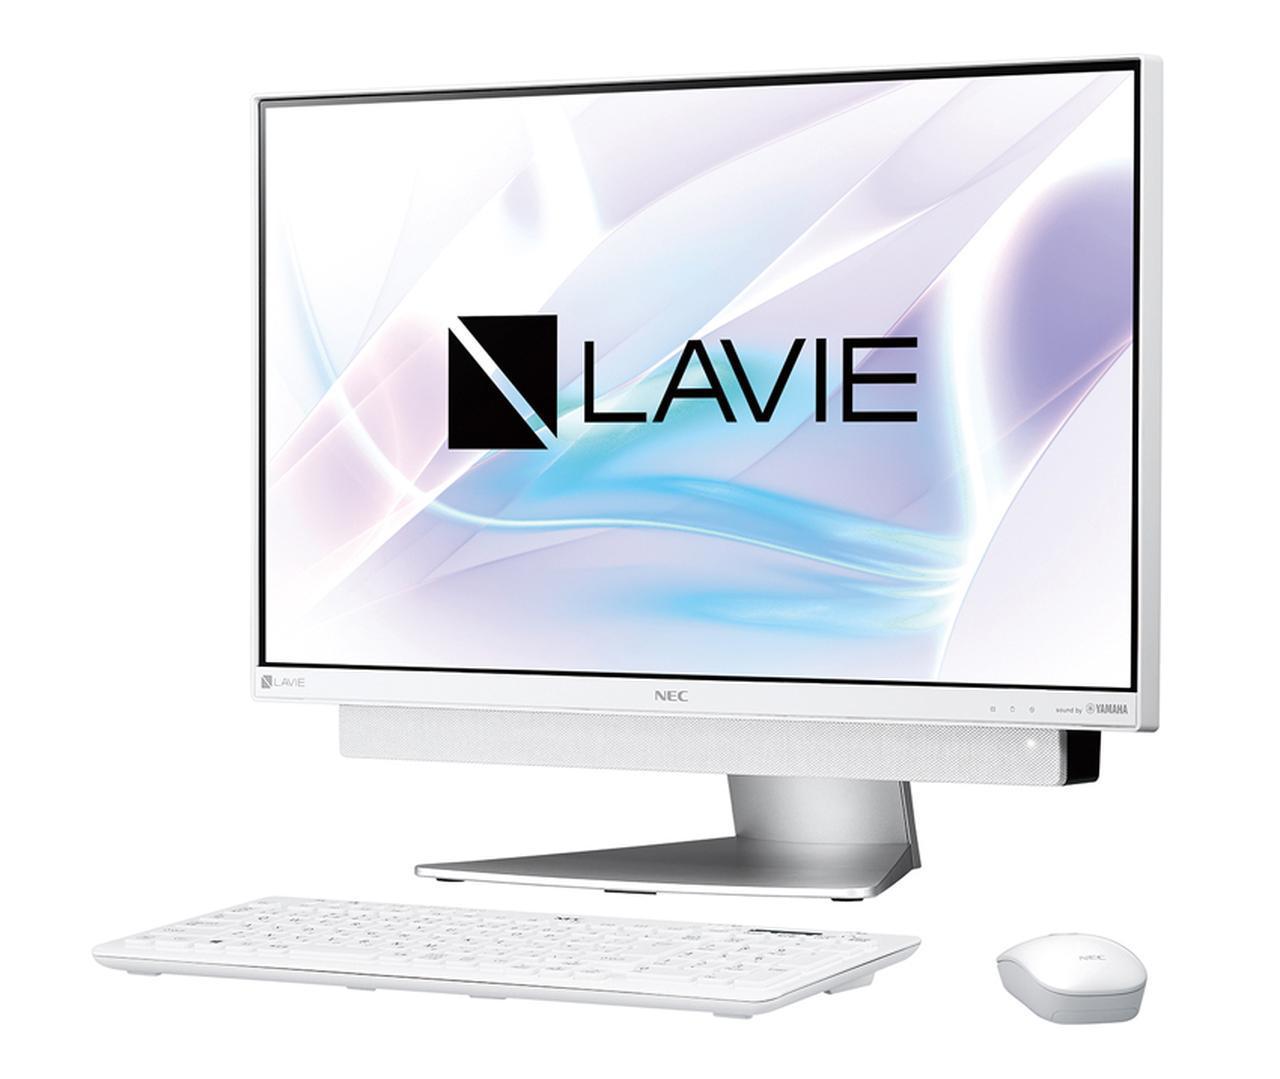 画像: NEC LAVIE Desk All-in-one DA770/KA